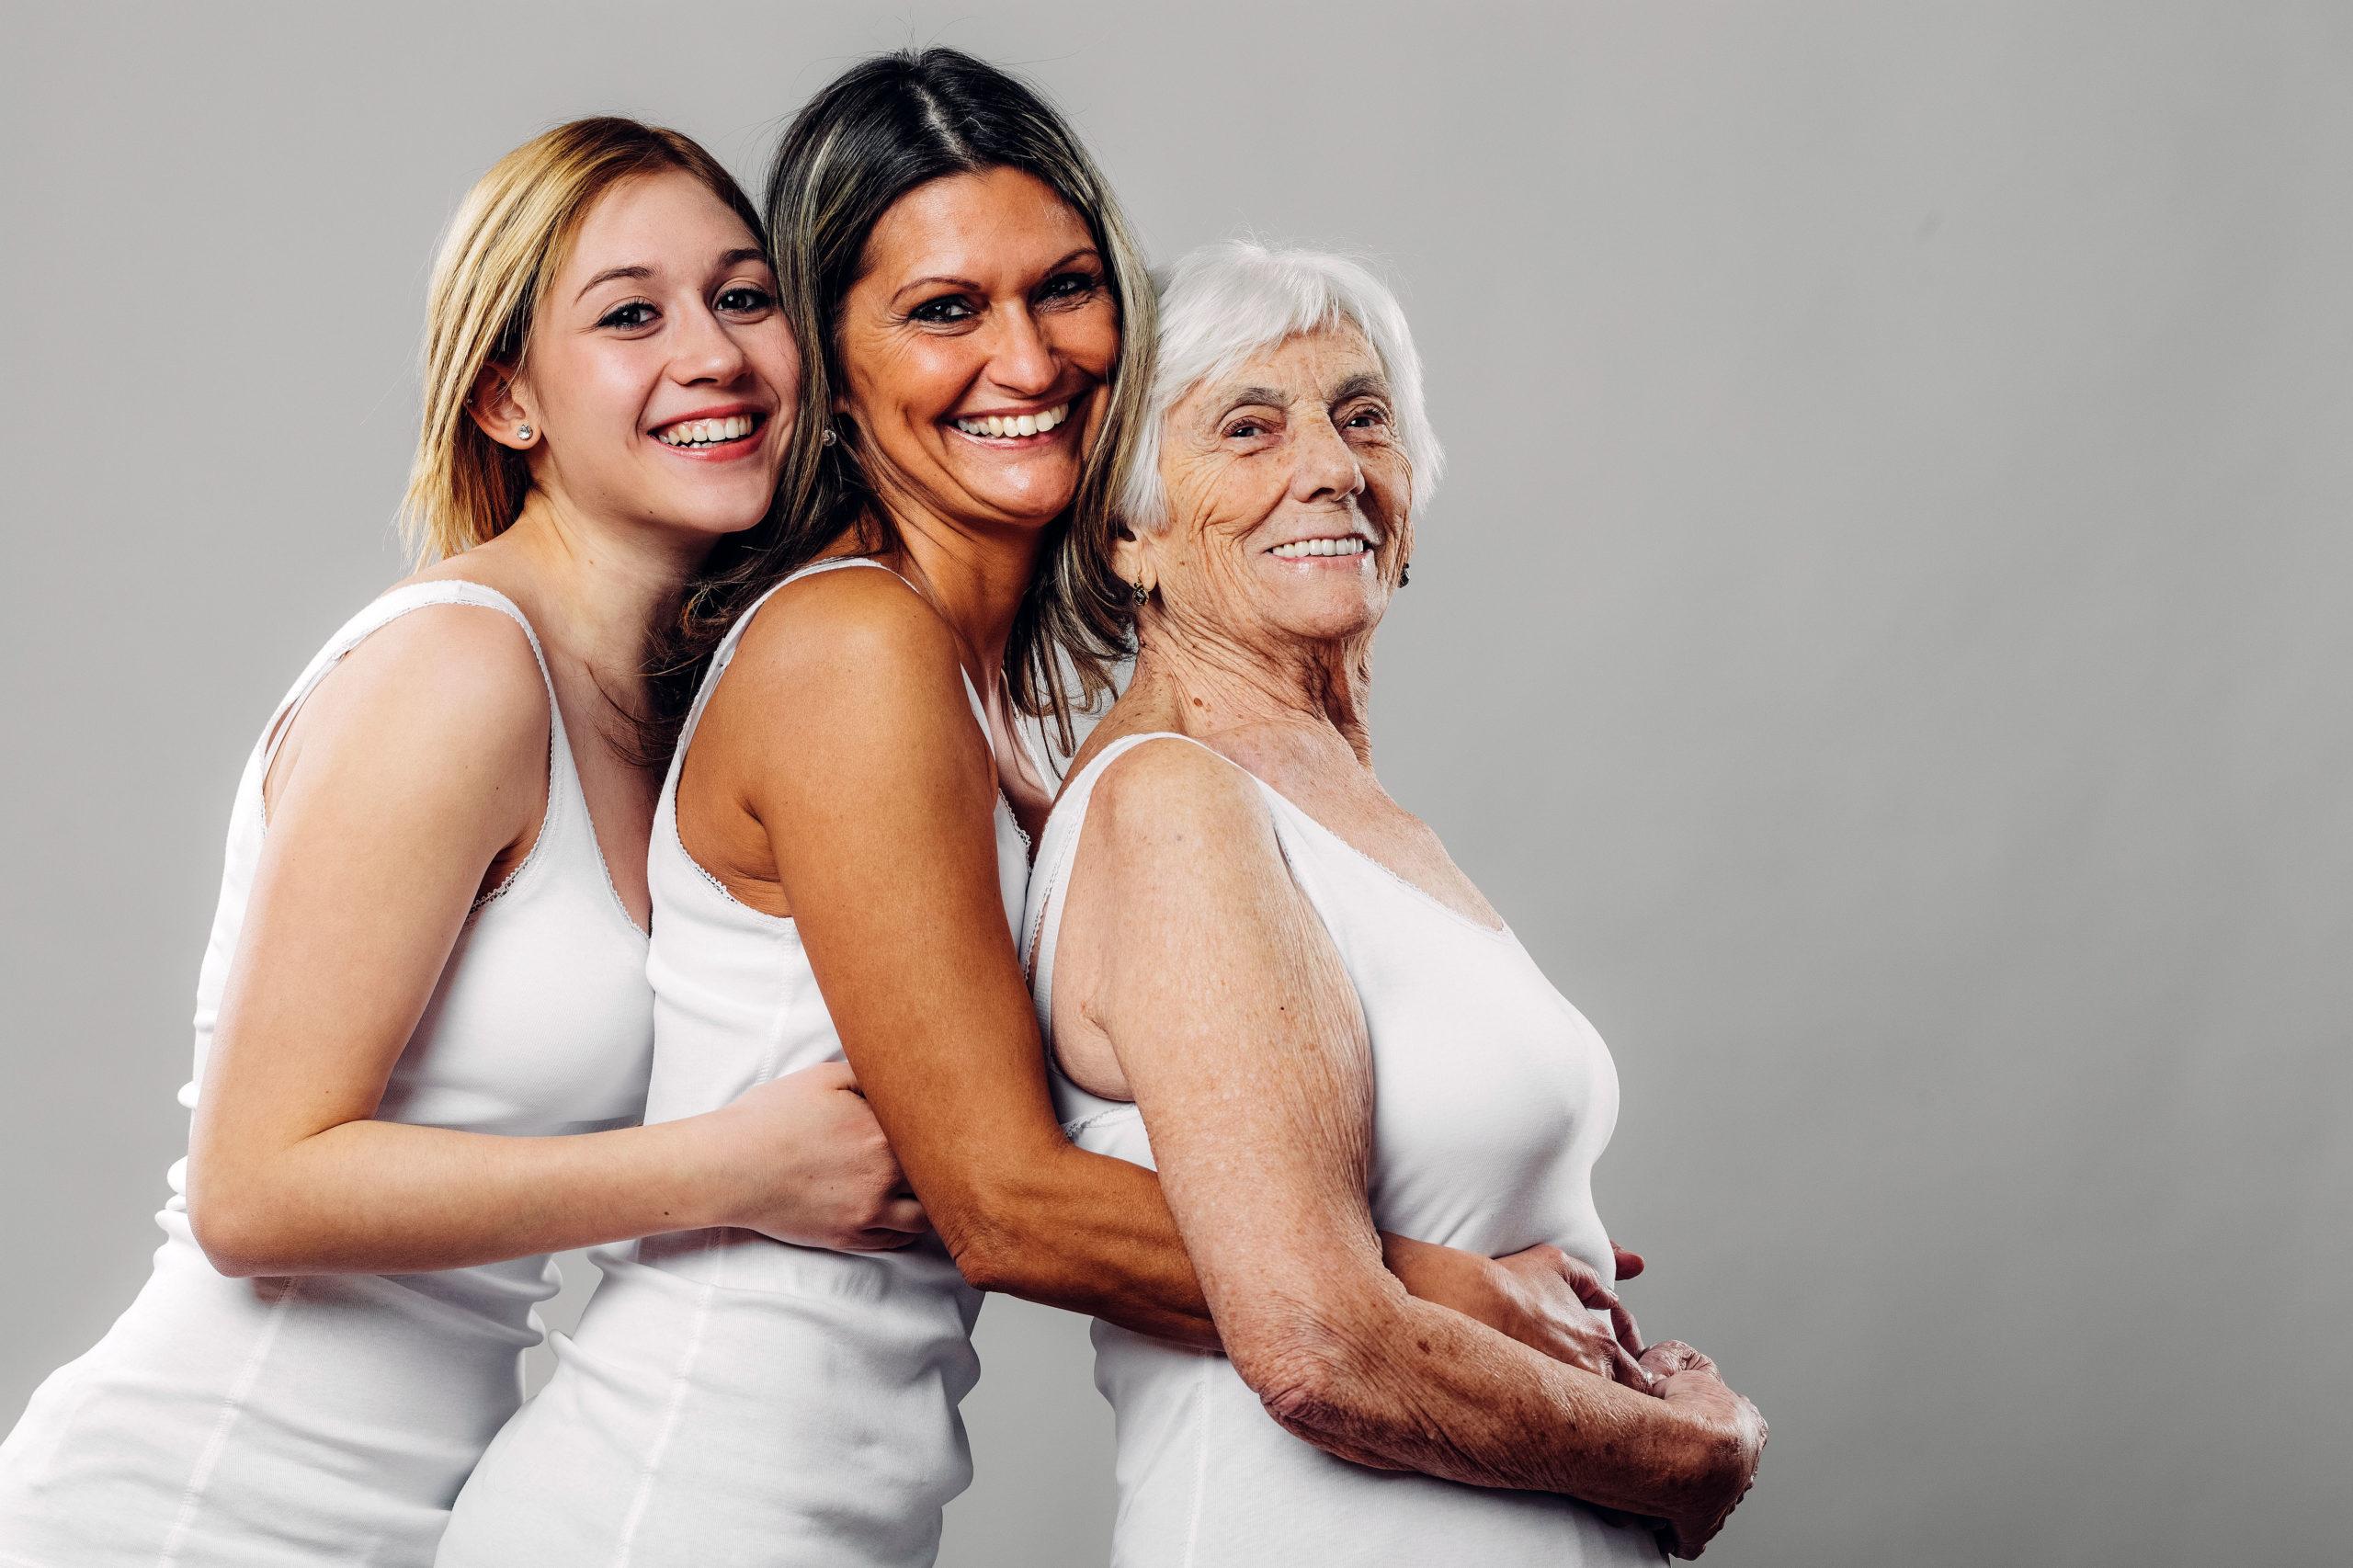 Brustbeschwerden bei Frauen in jedem Alter